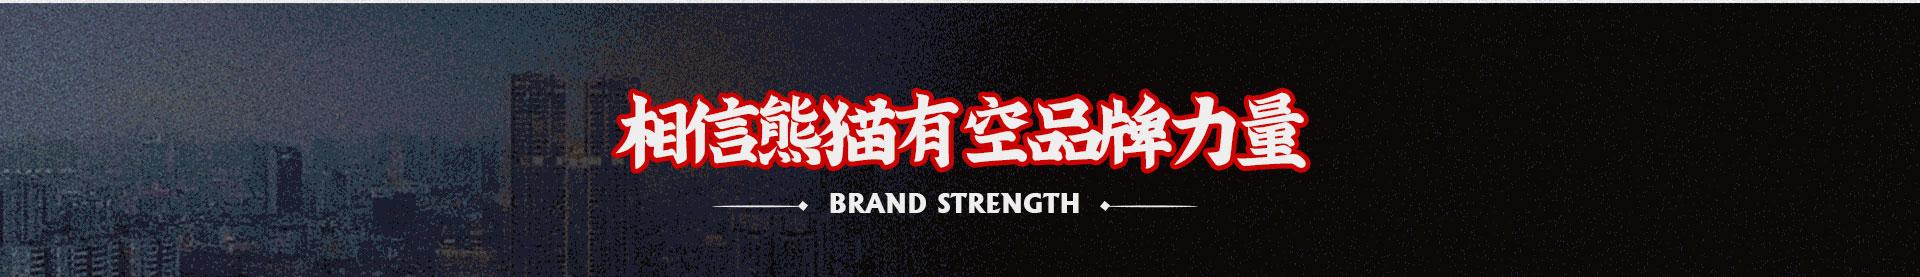 熊貓有空火鍋串串xmyk_05